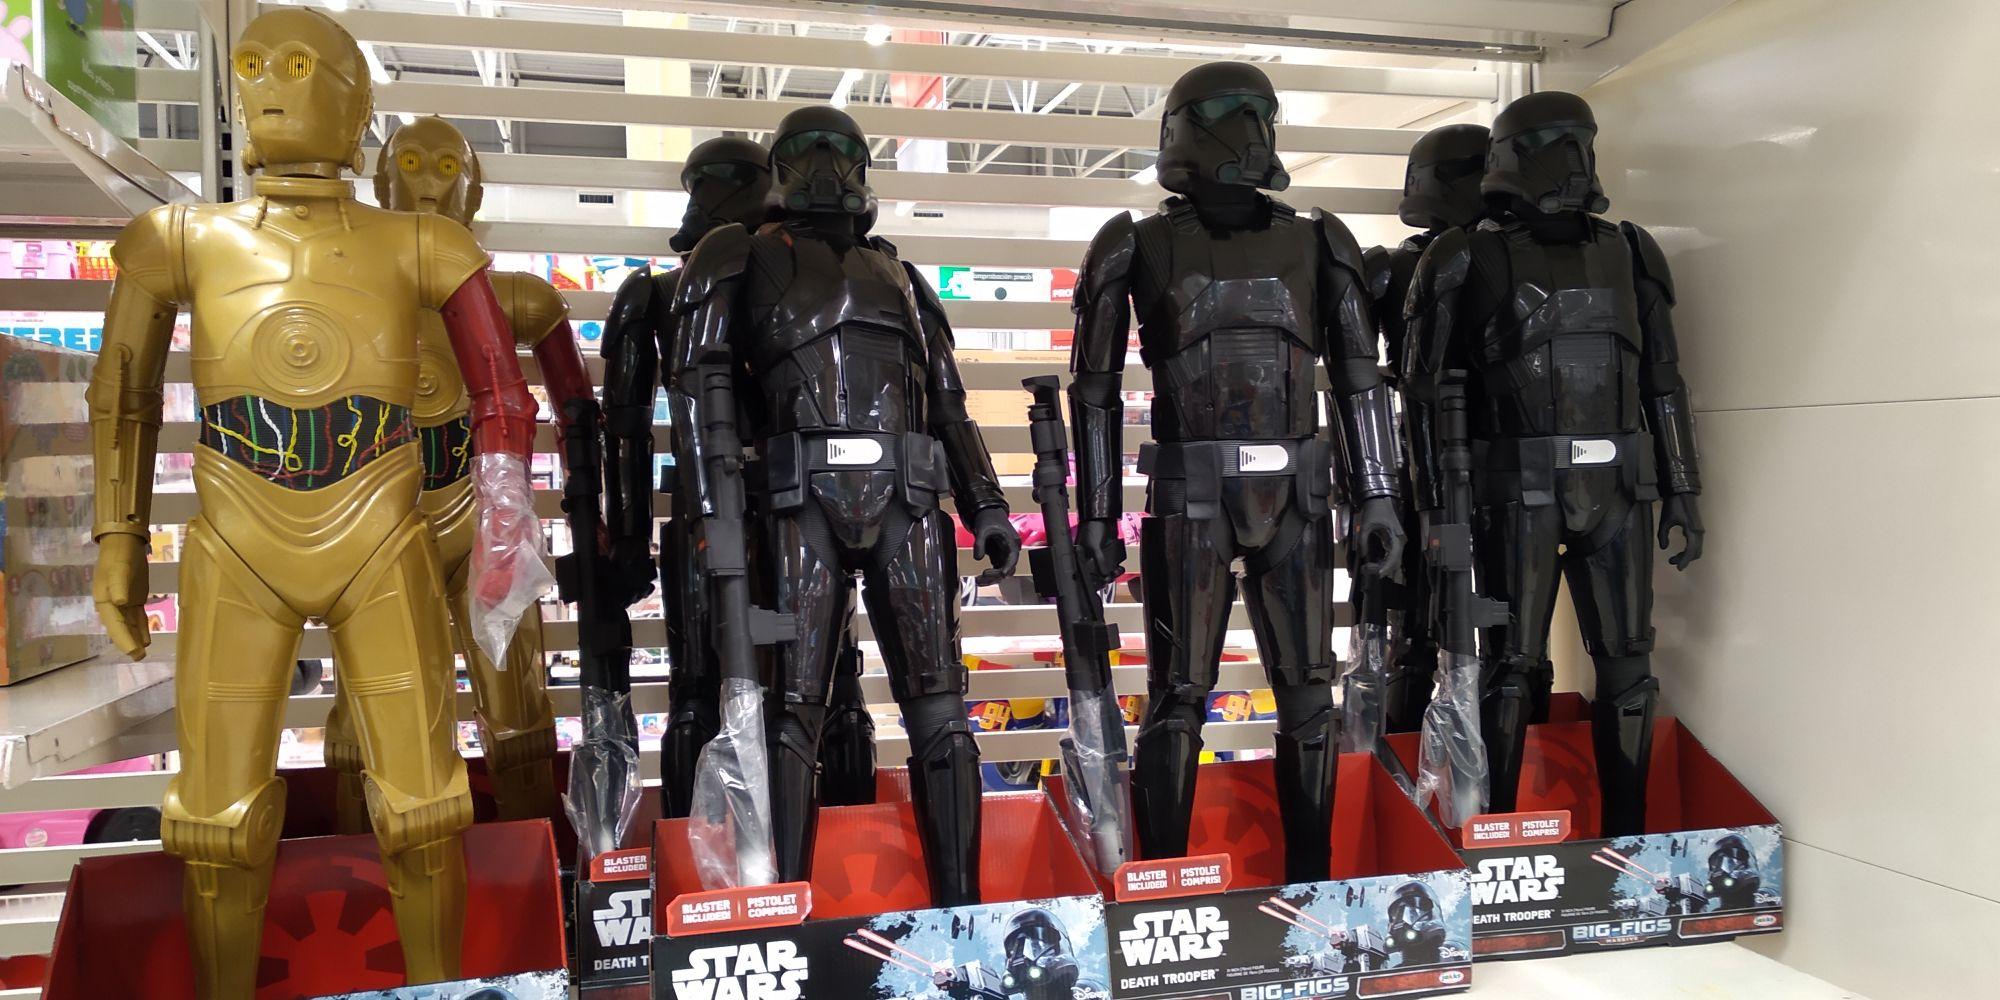 Figura Gigante C3PO o Death Trooper por menos de 20€ en Alcampo Burgos